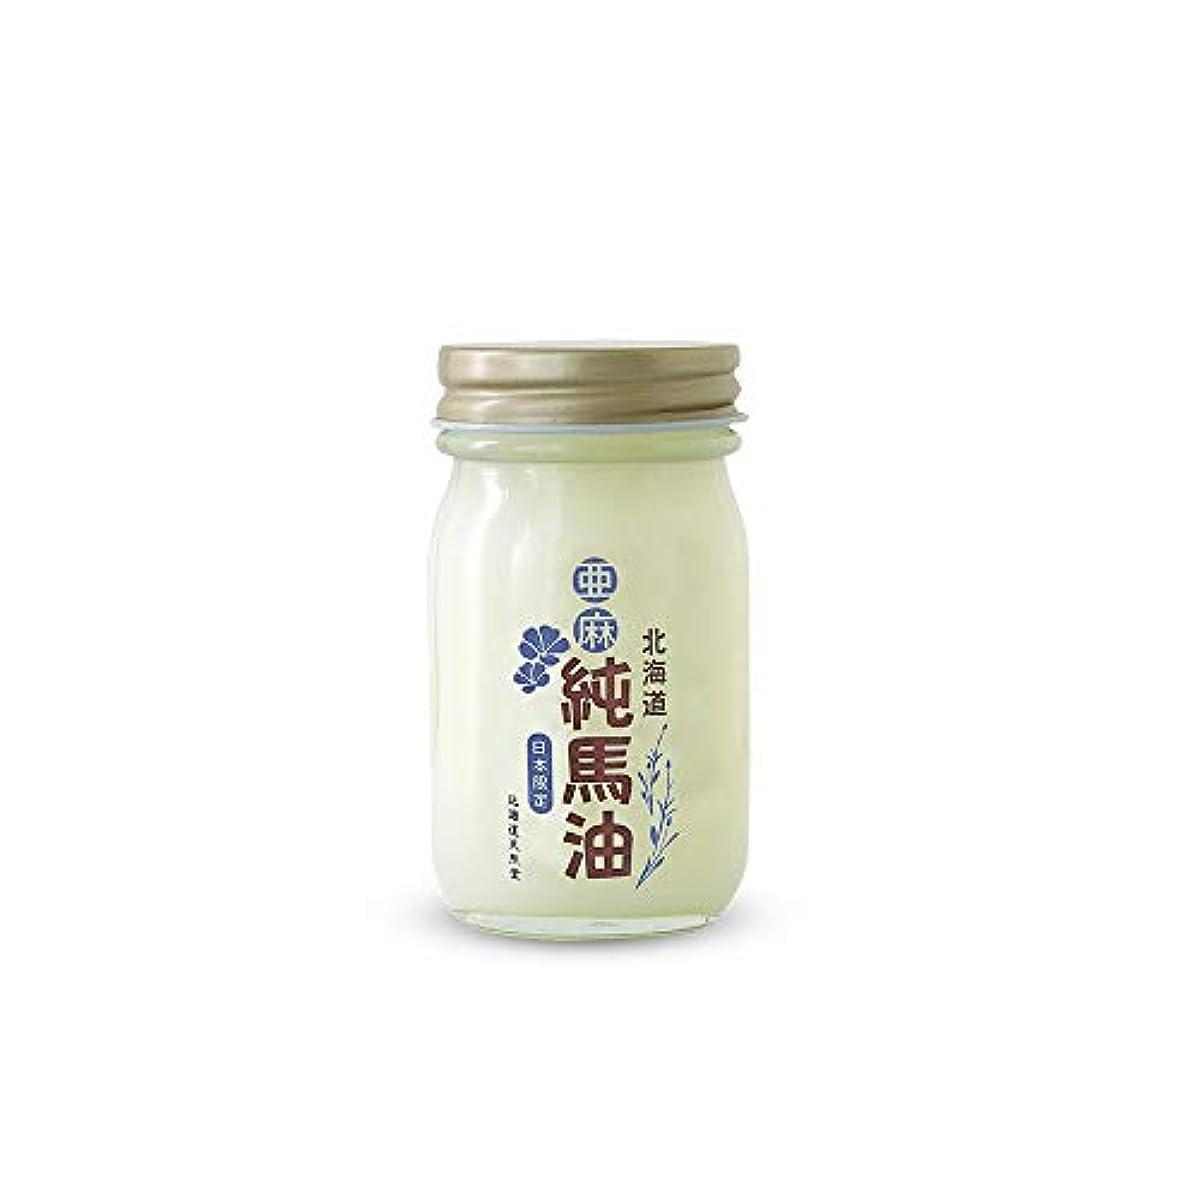 伸ばす補足商品アマ純馬油 80g / 北海道天然堂